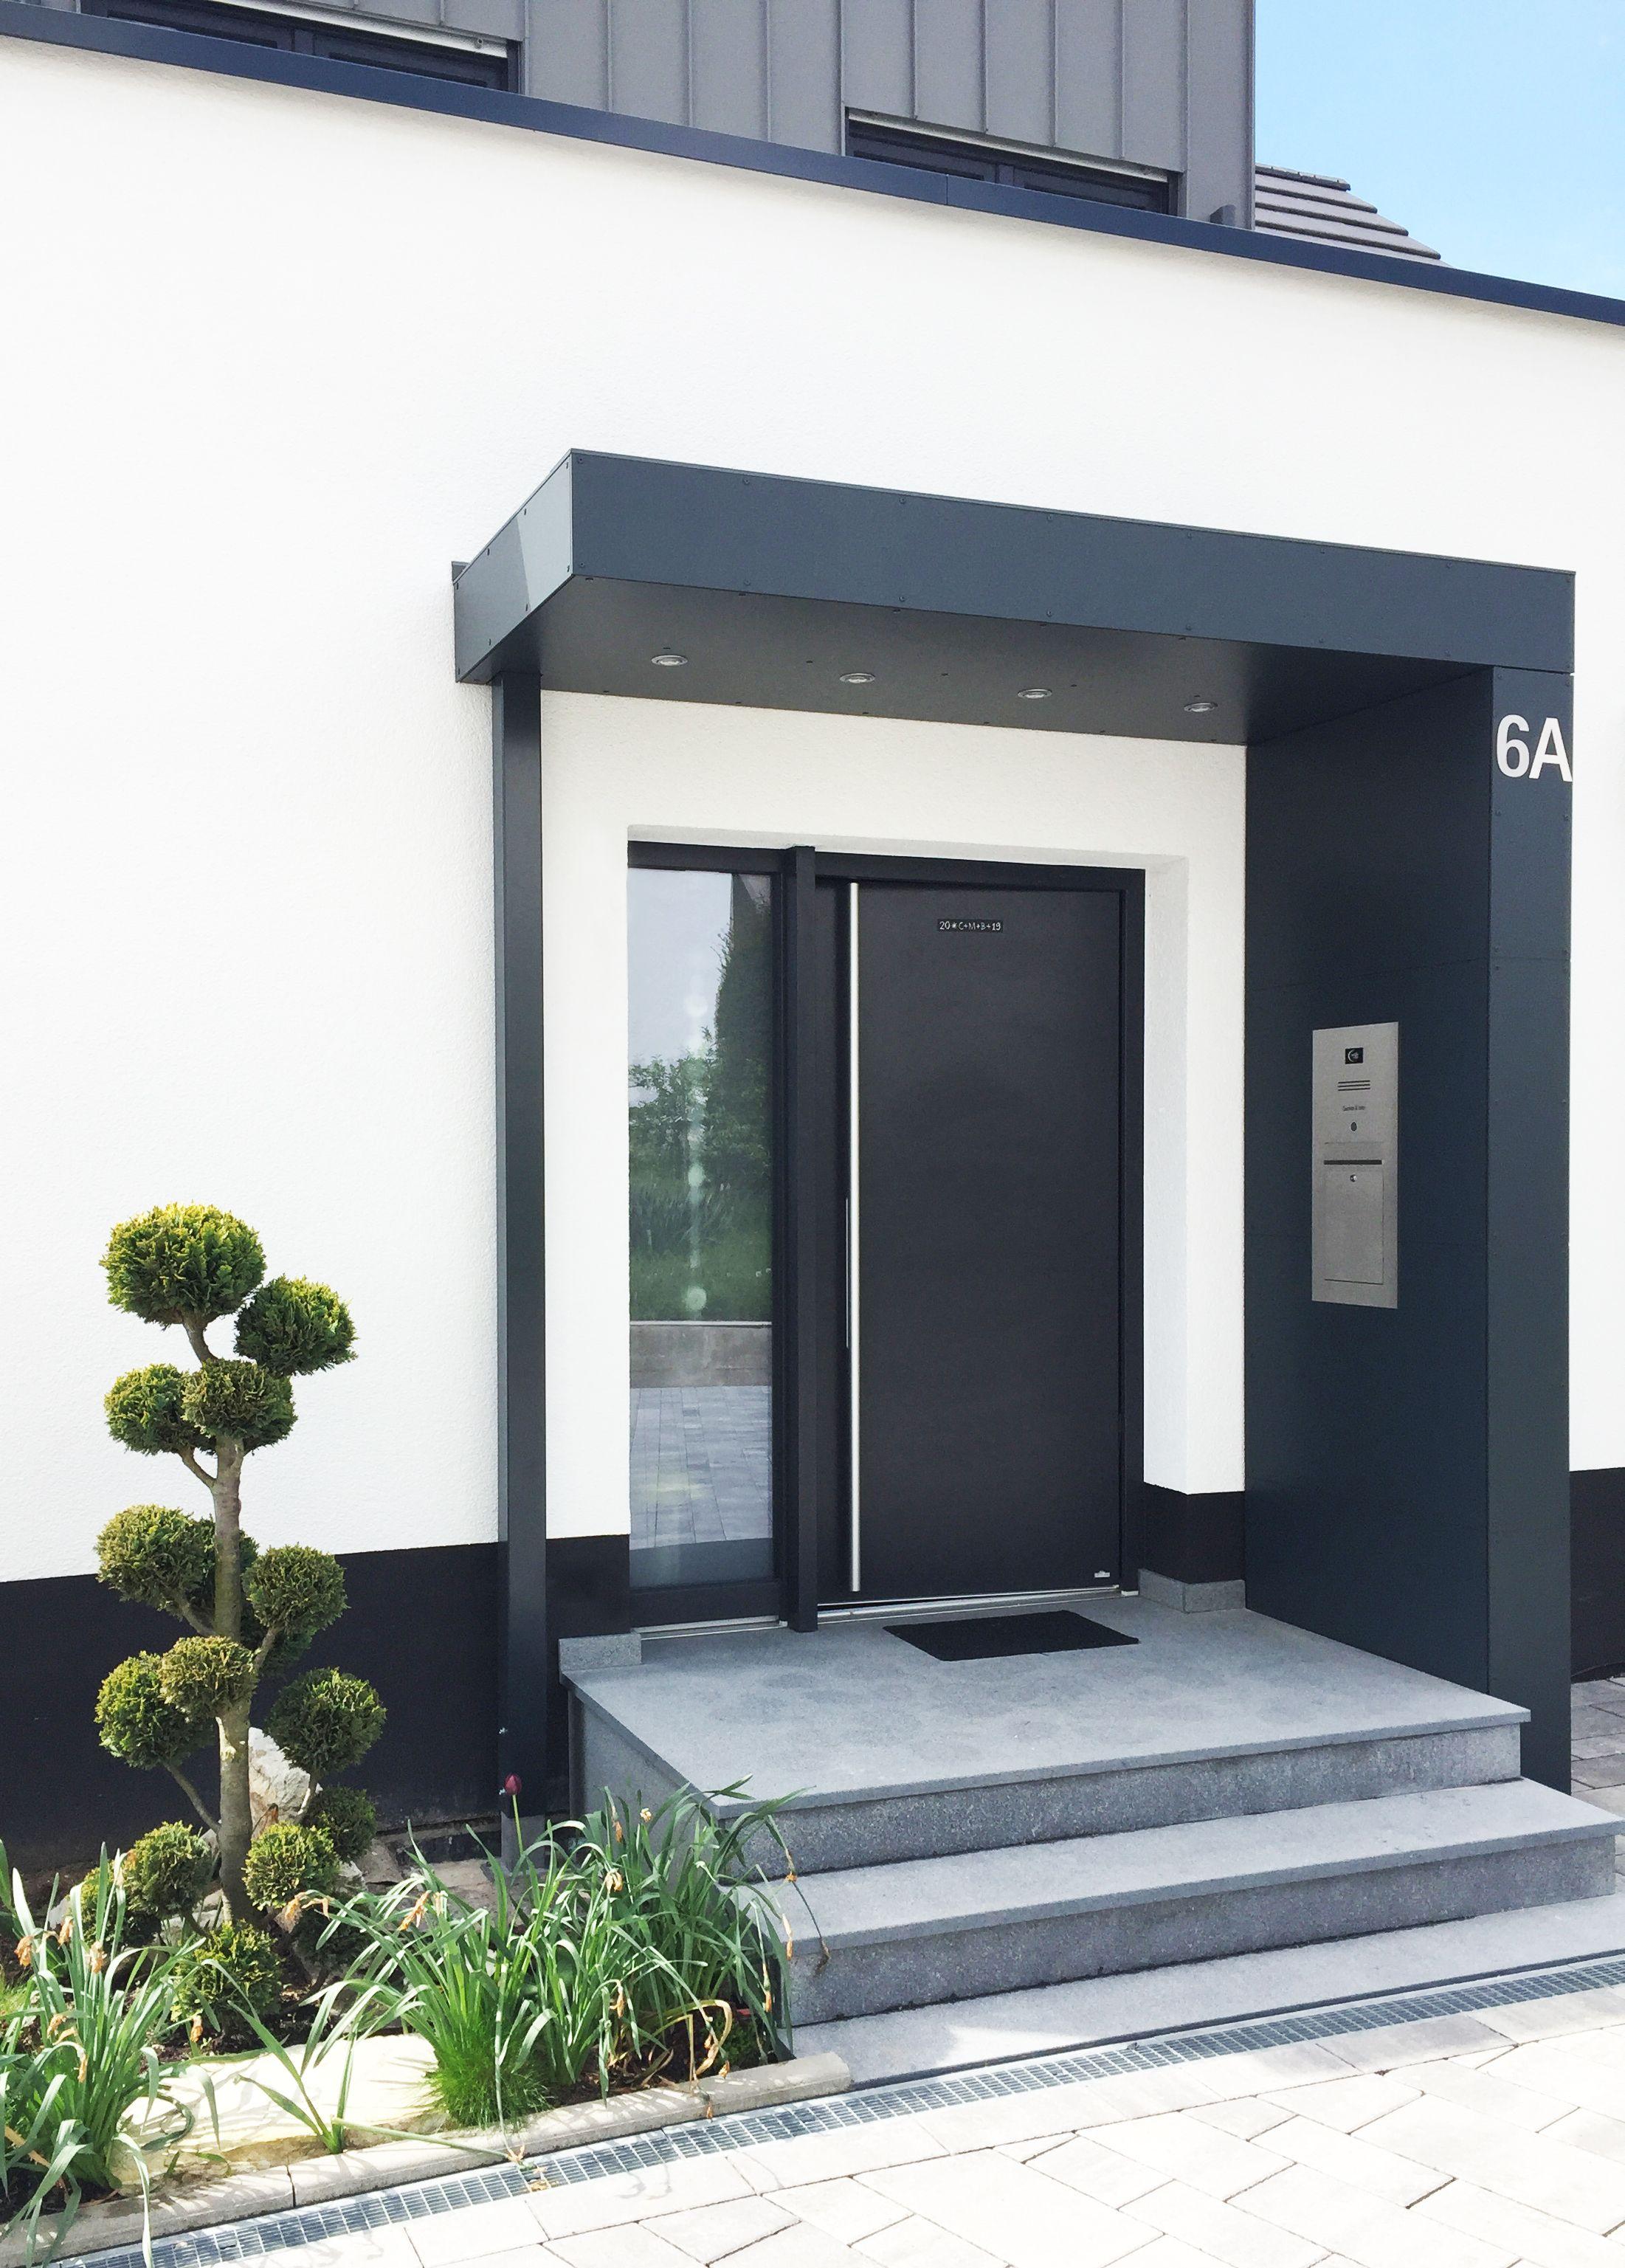 Eingangsuberdachung Mit Integrierter Klingelanlage Und Briefkasten Led Spots Im Deckenbereich Zusatzli Moderne Haustur Eingang Uberdachung Hausturuberdachung